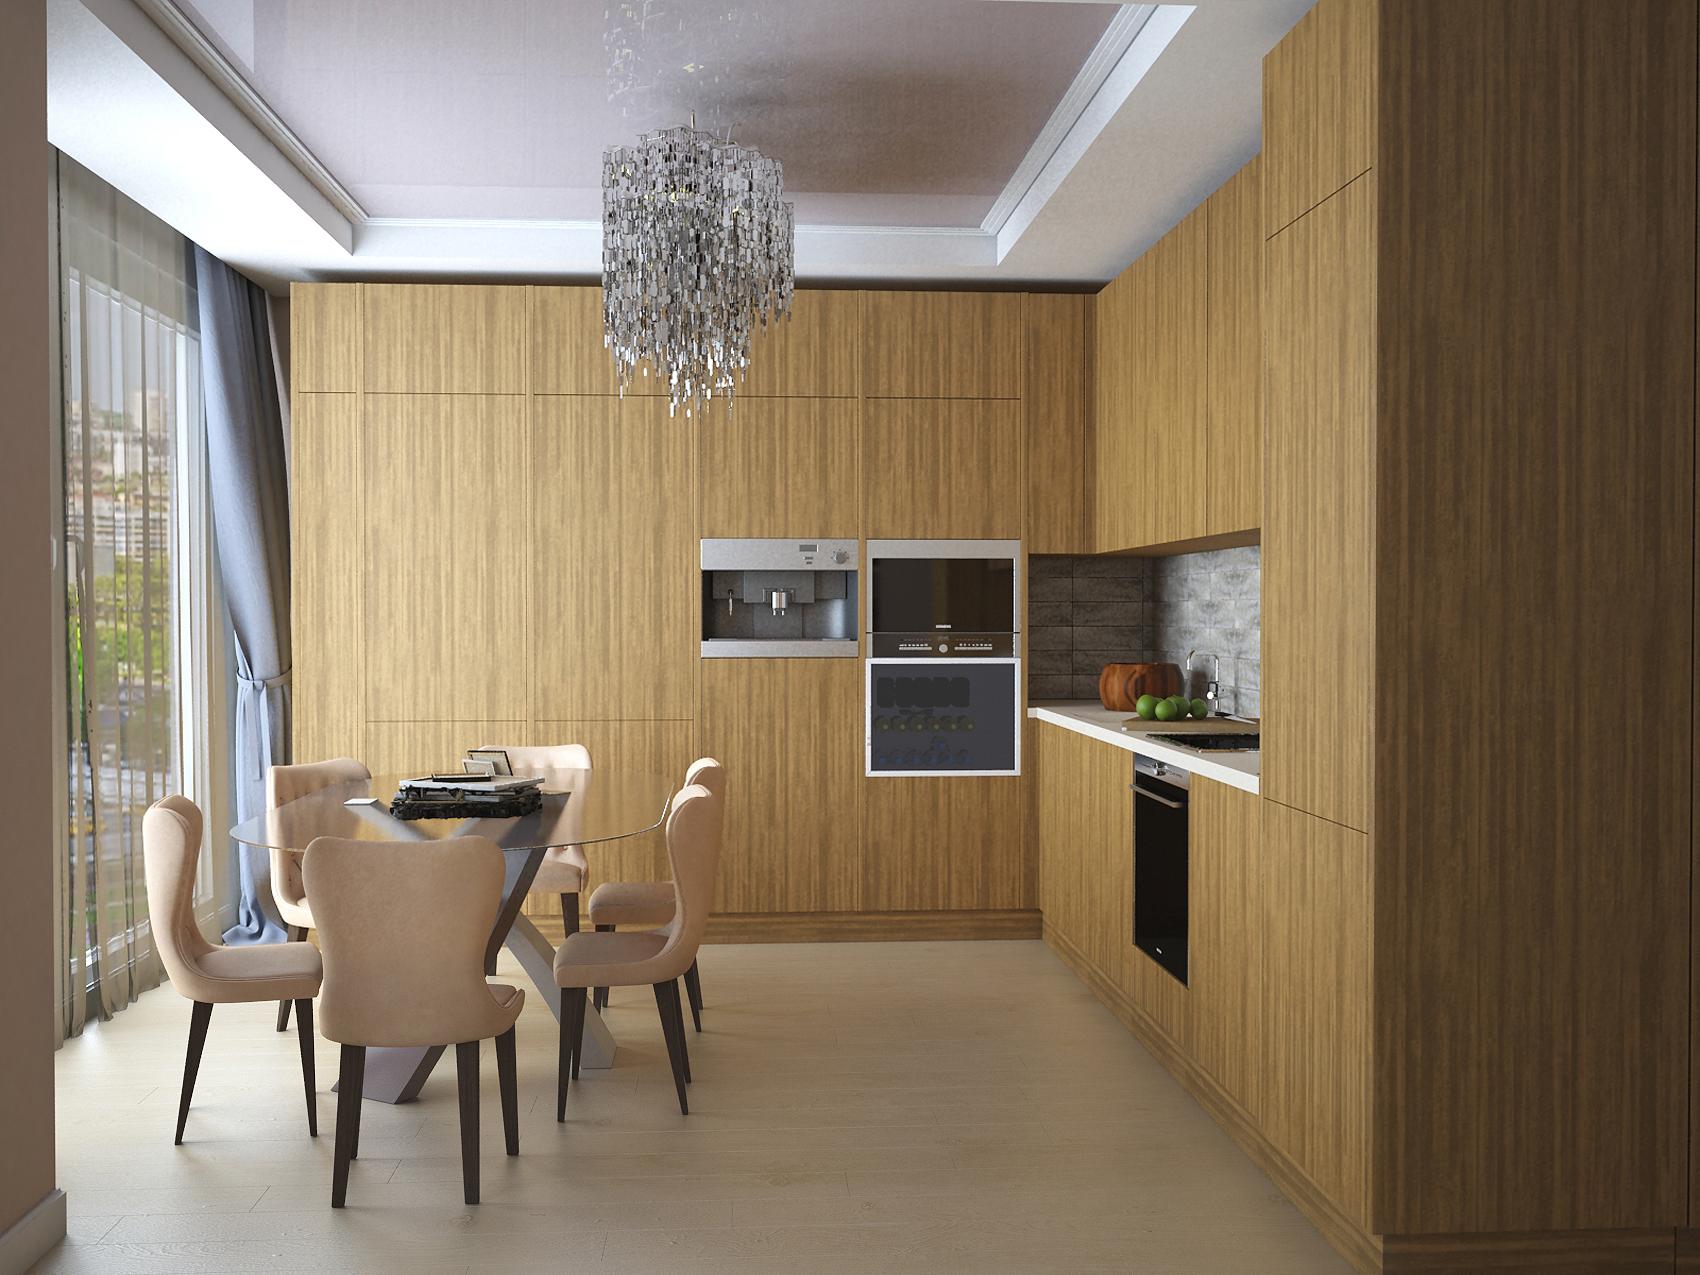 гостиная-кухня (2).jpg